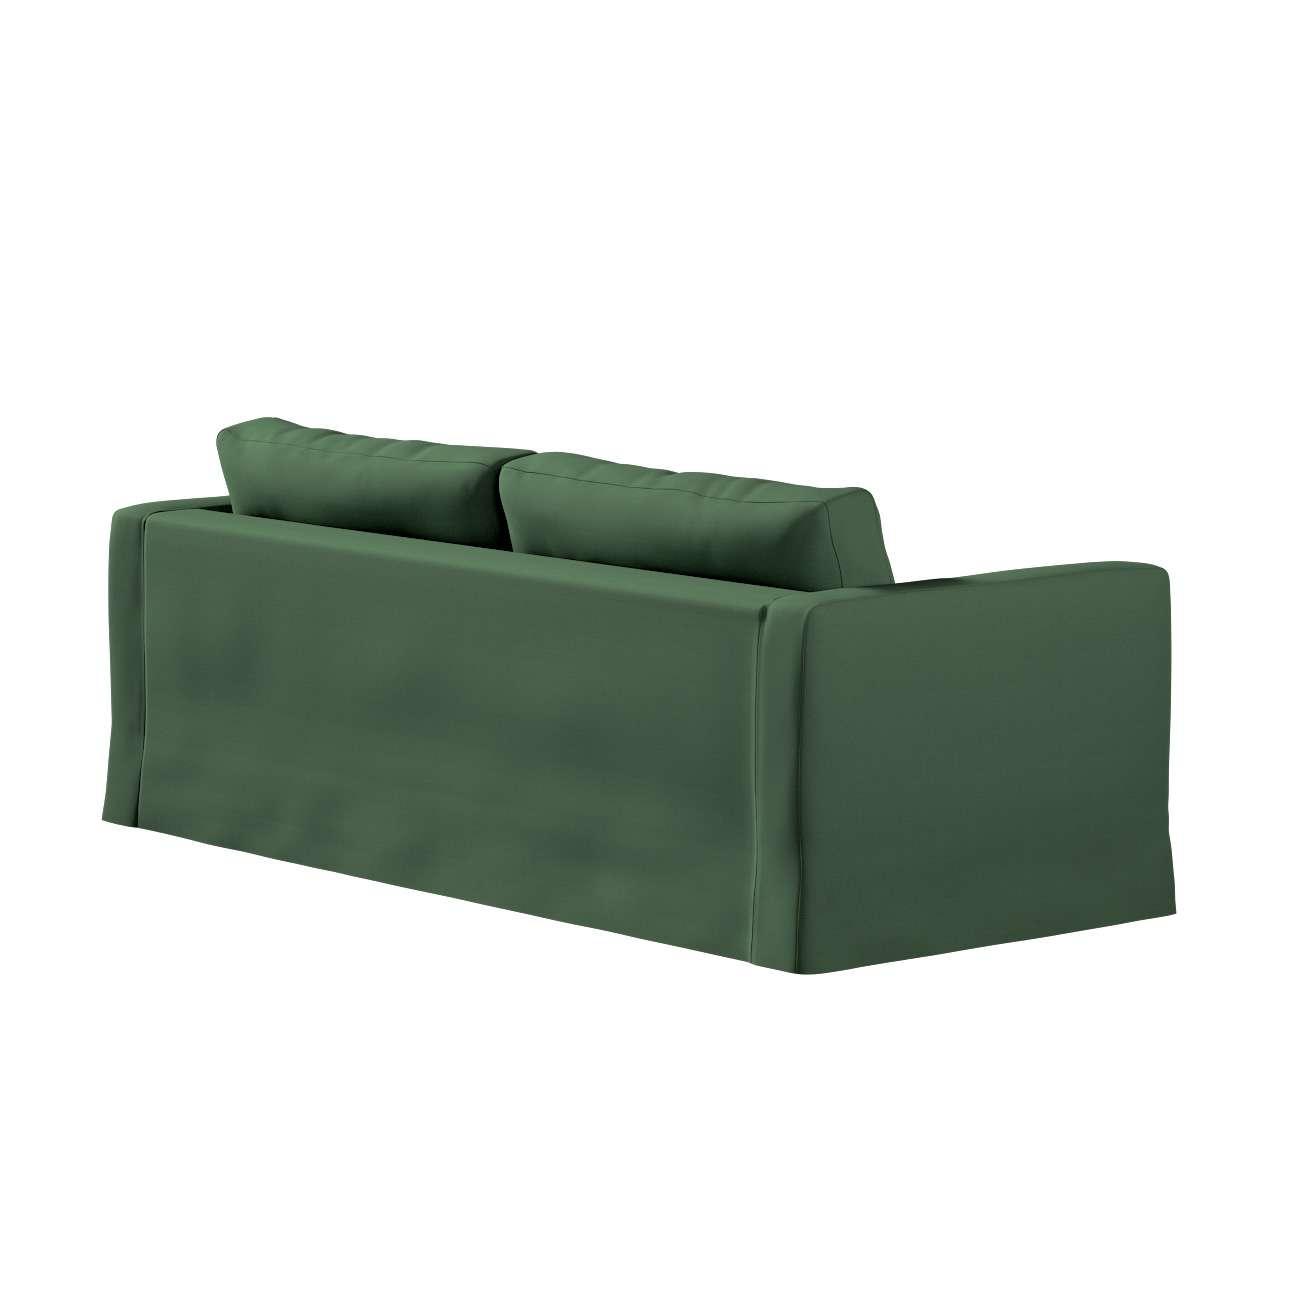 Potah na pohovku IKEA  Karlstad 3-místná, nerozkládací, dlouhý v kolekci Cotton Panama, látka: 702-06